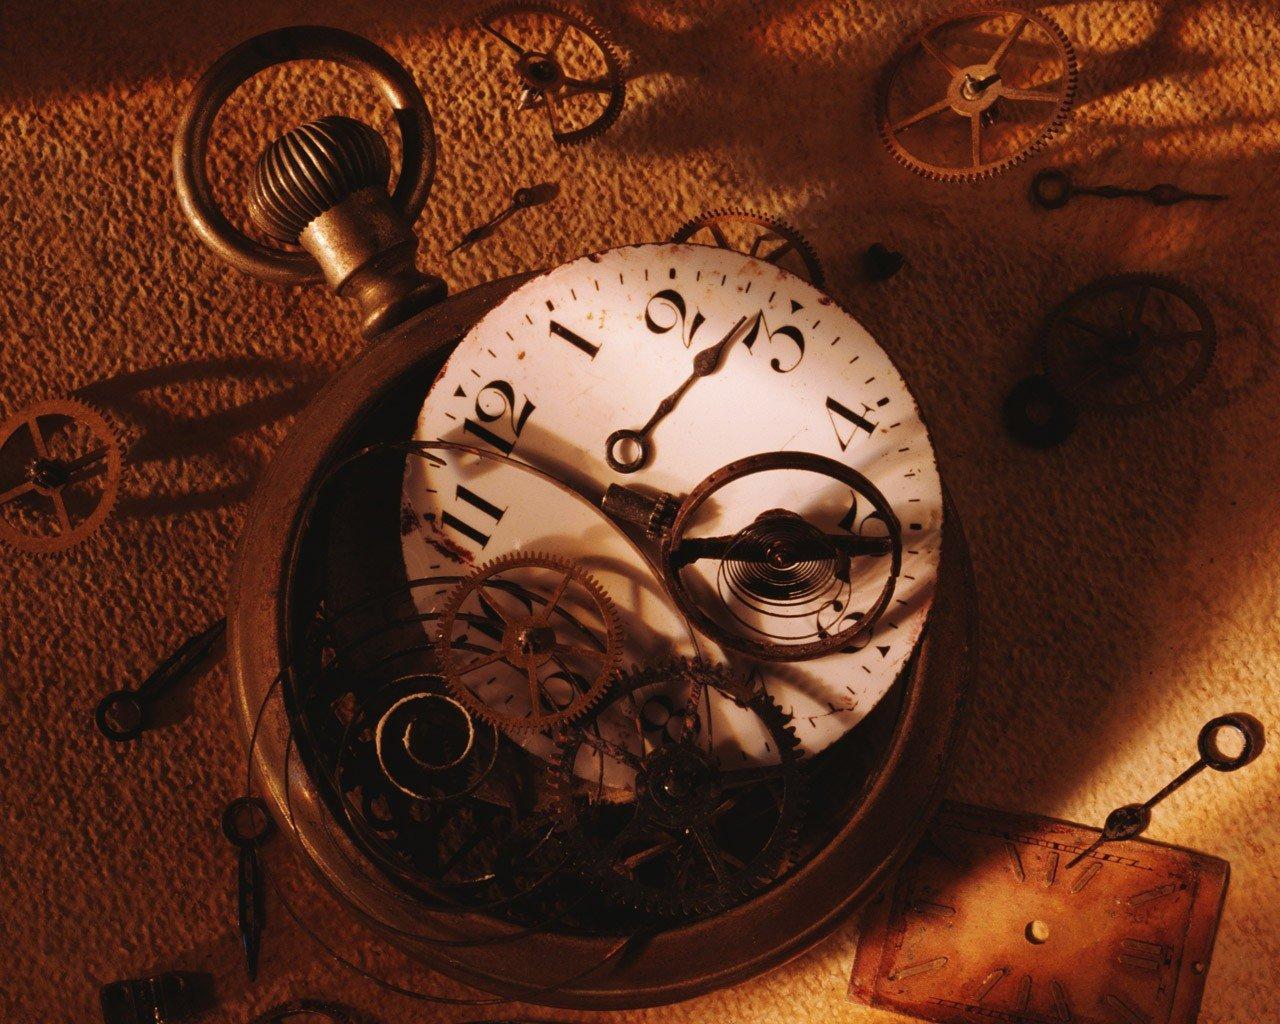 Все о времени снов картинка